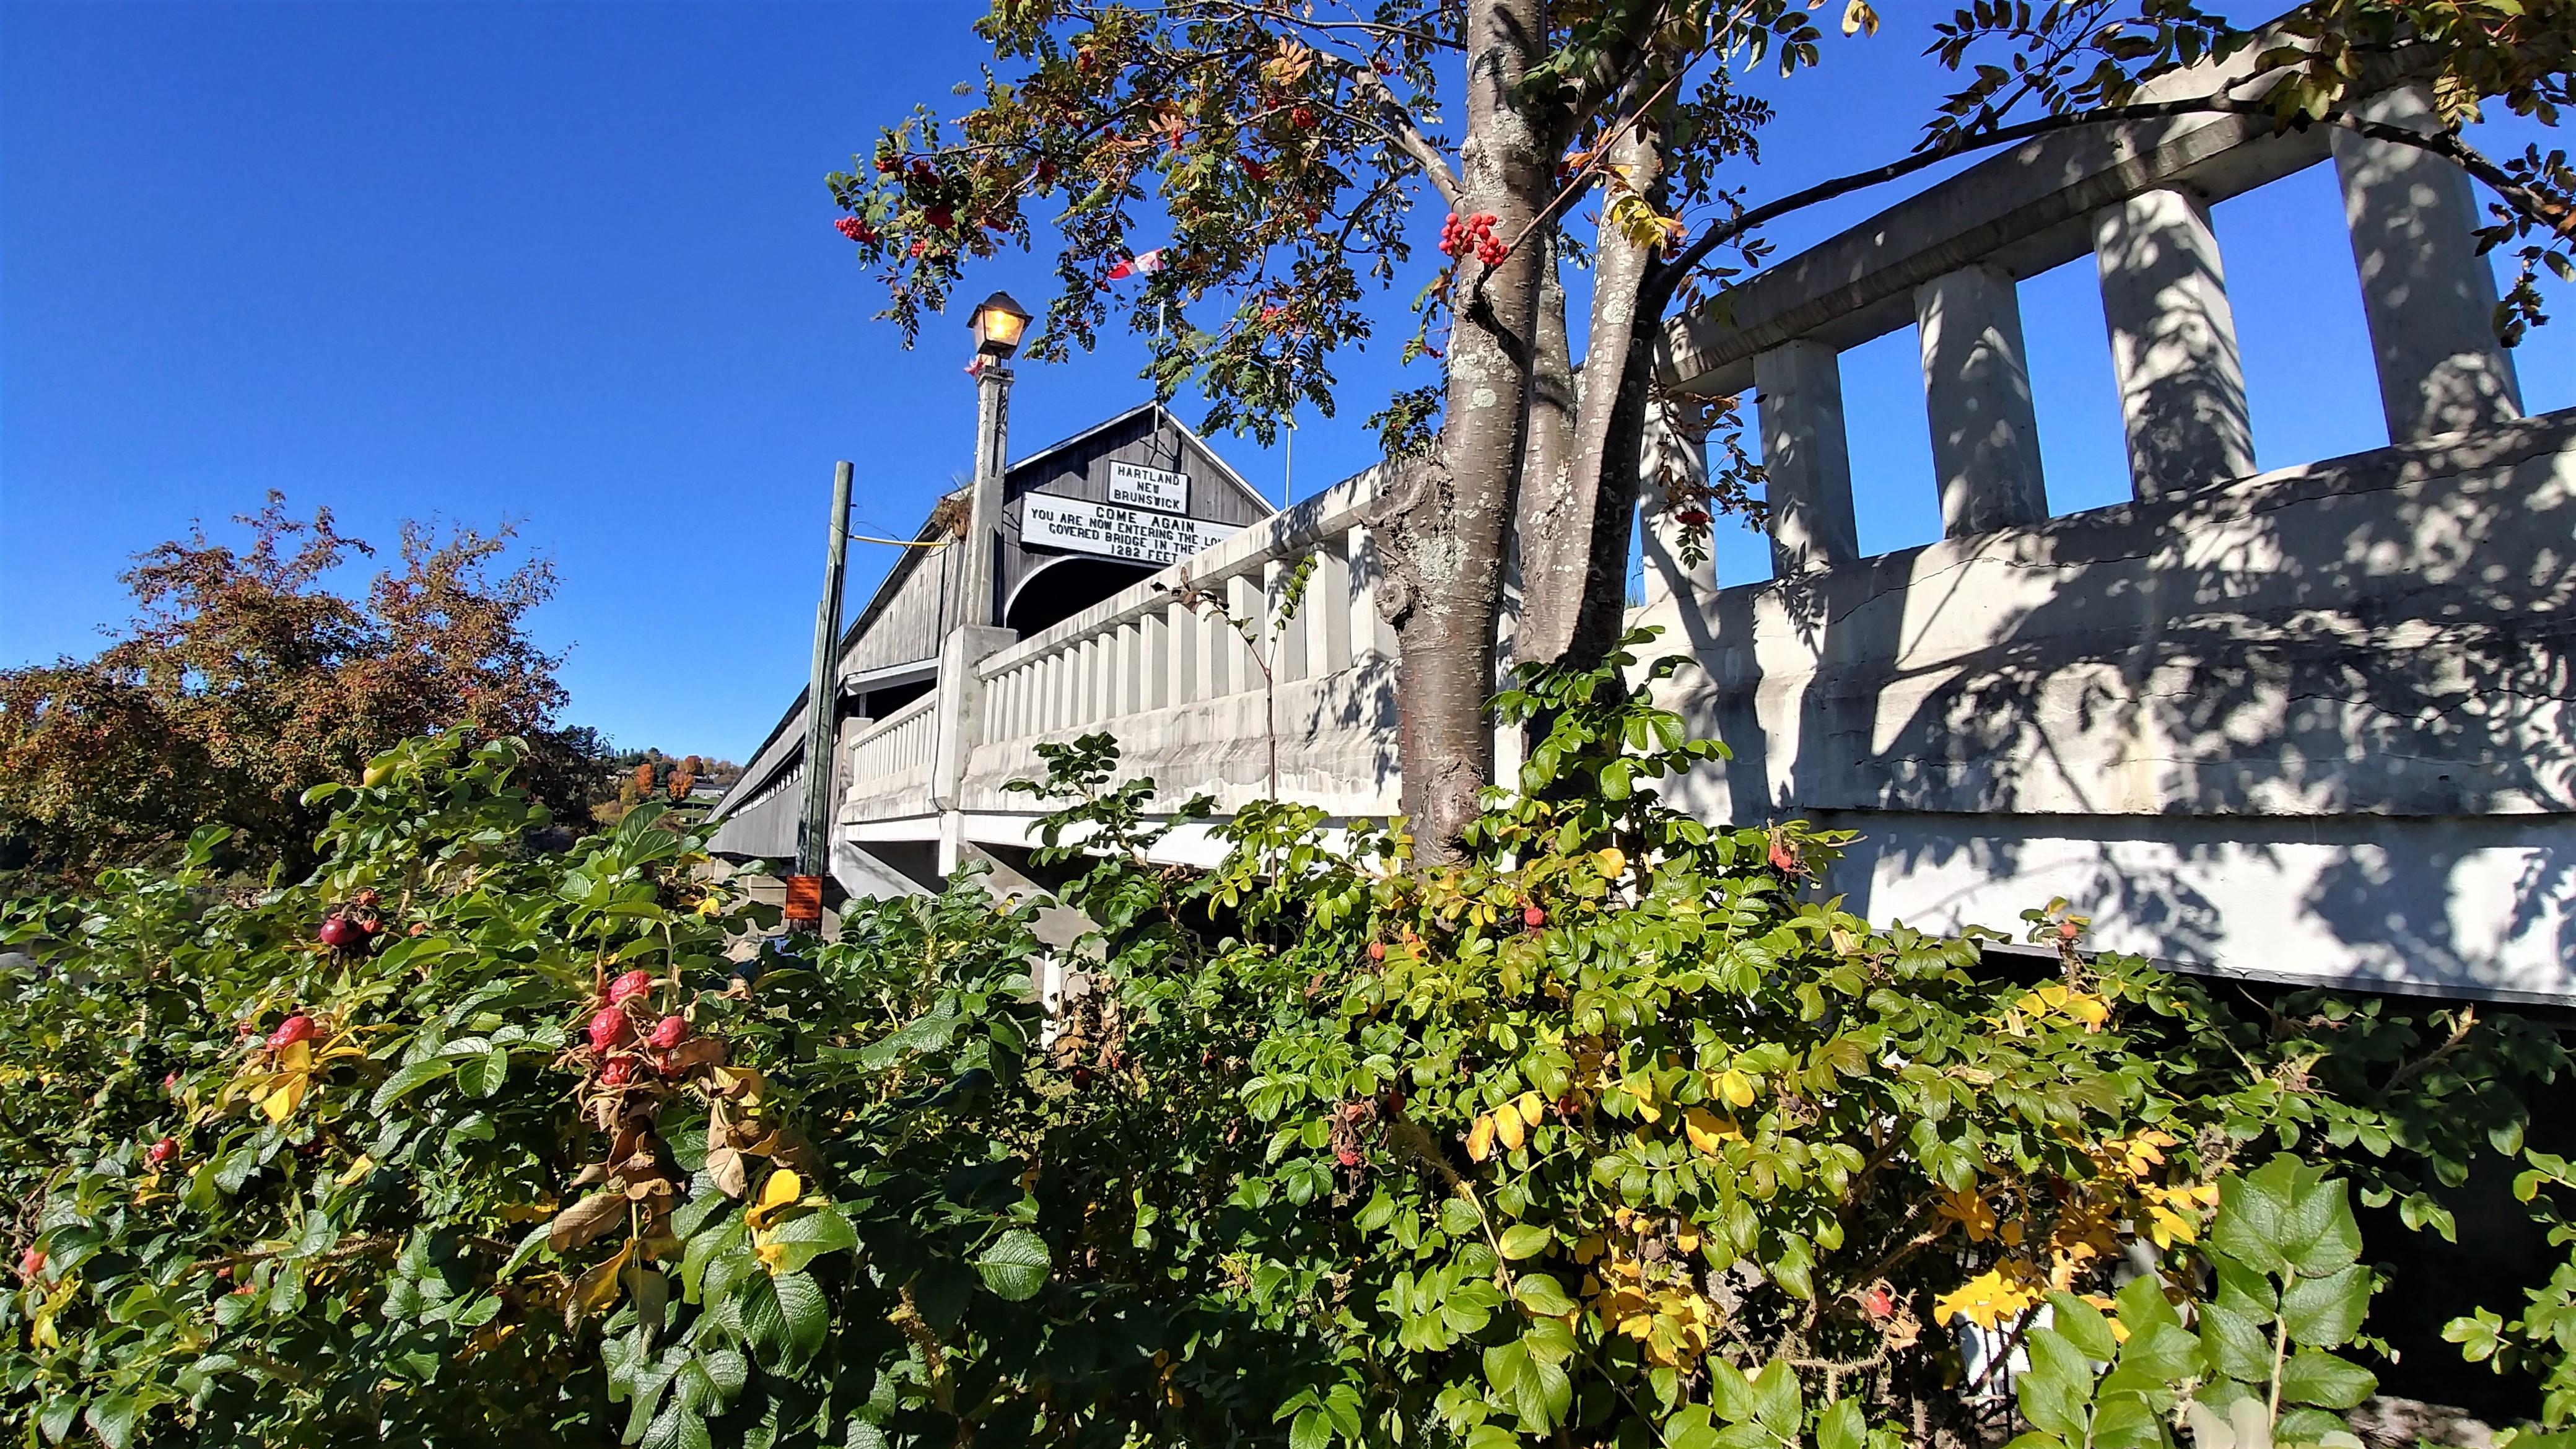 pont couvert hartland nouveau-brunswick canada road-trip automne